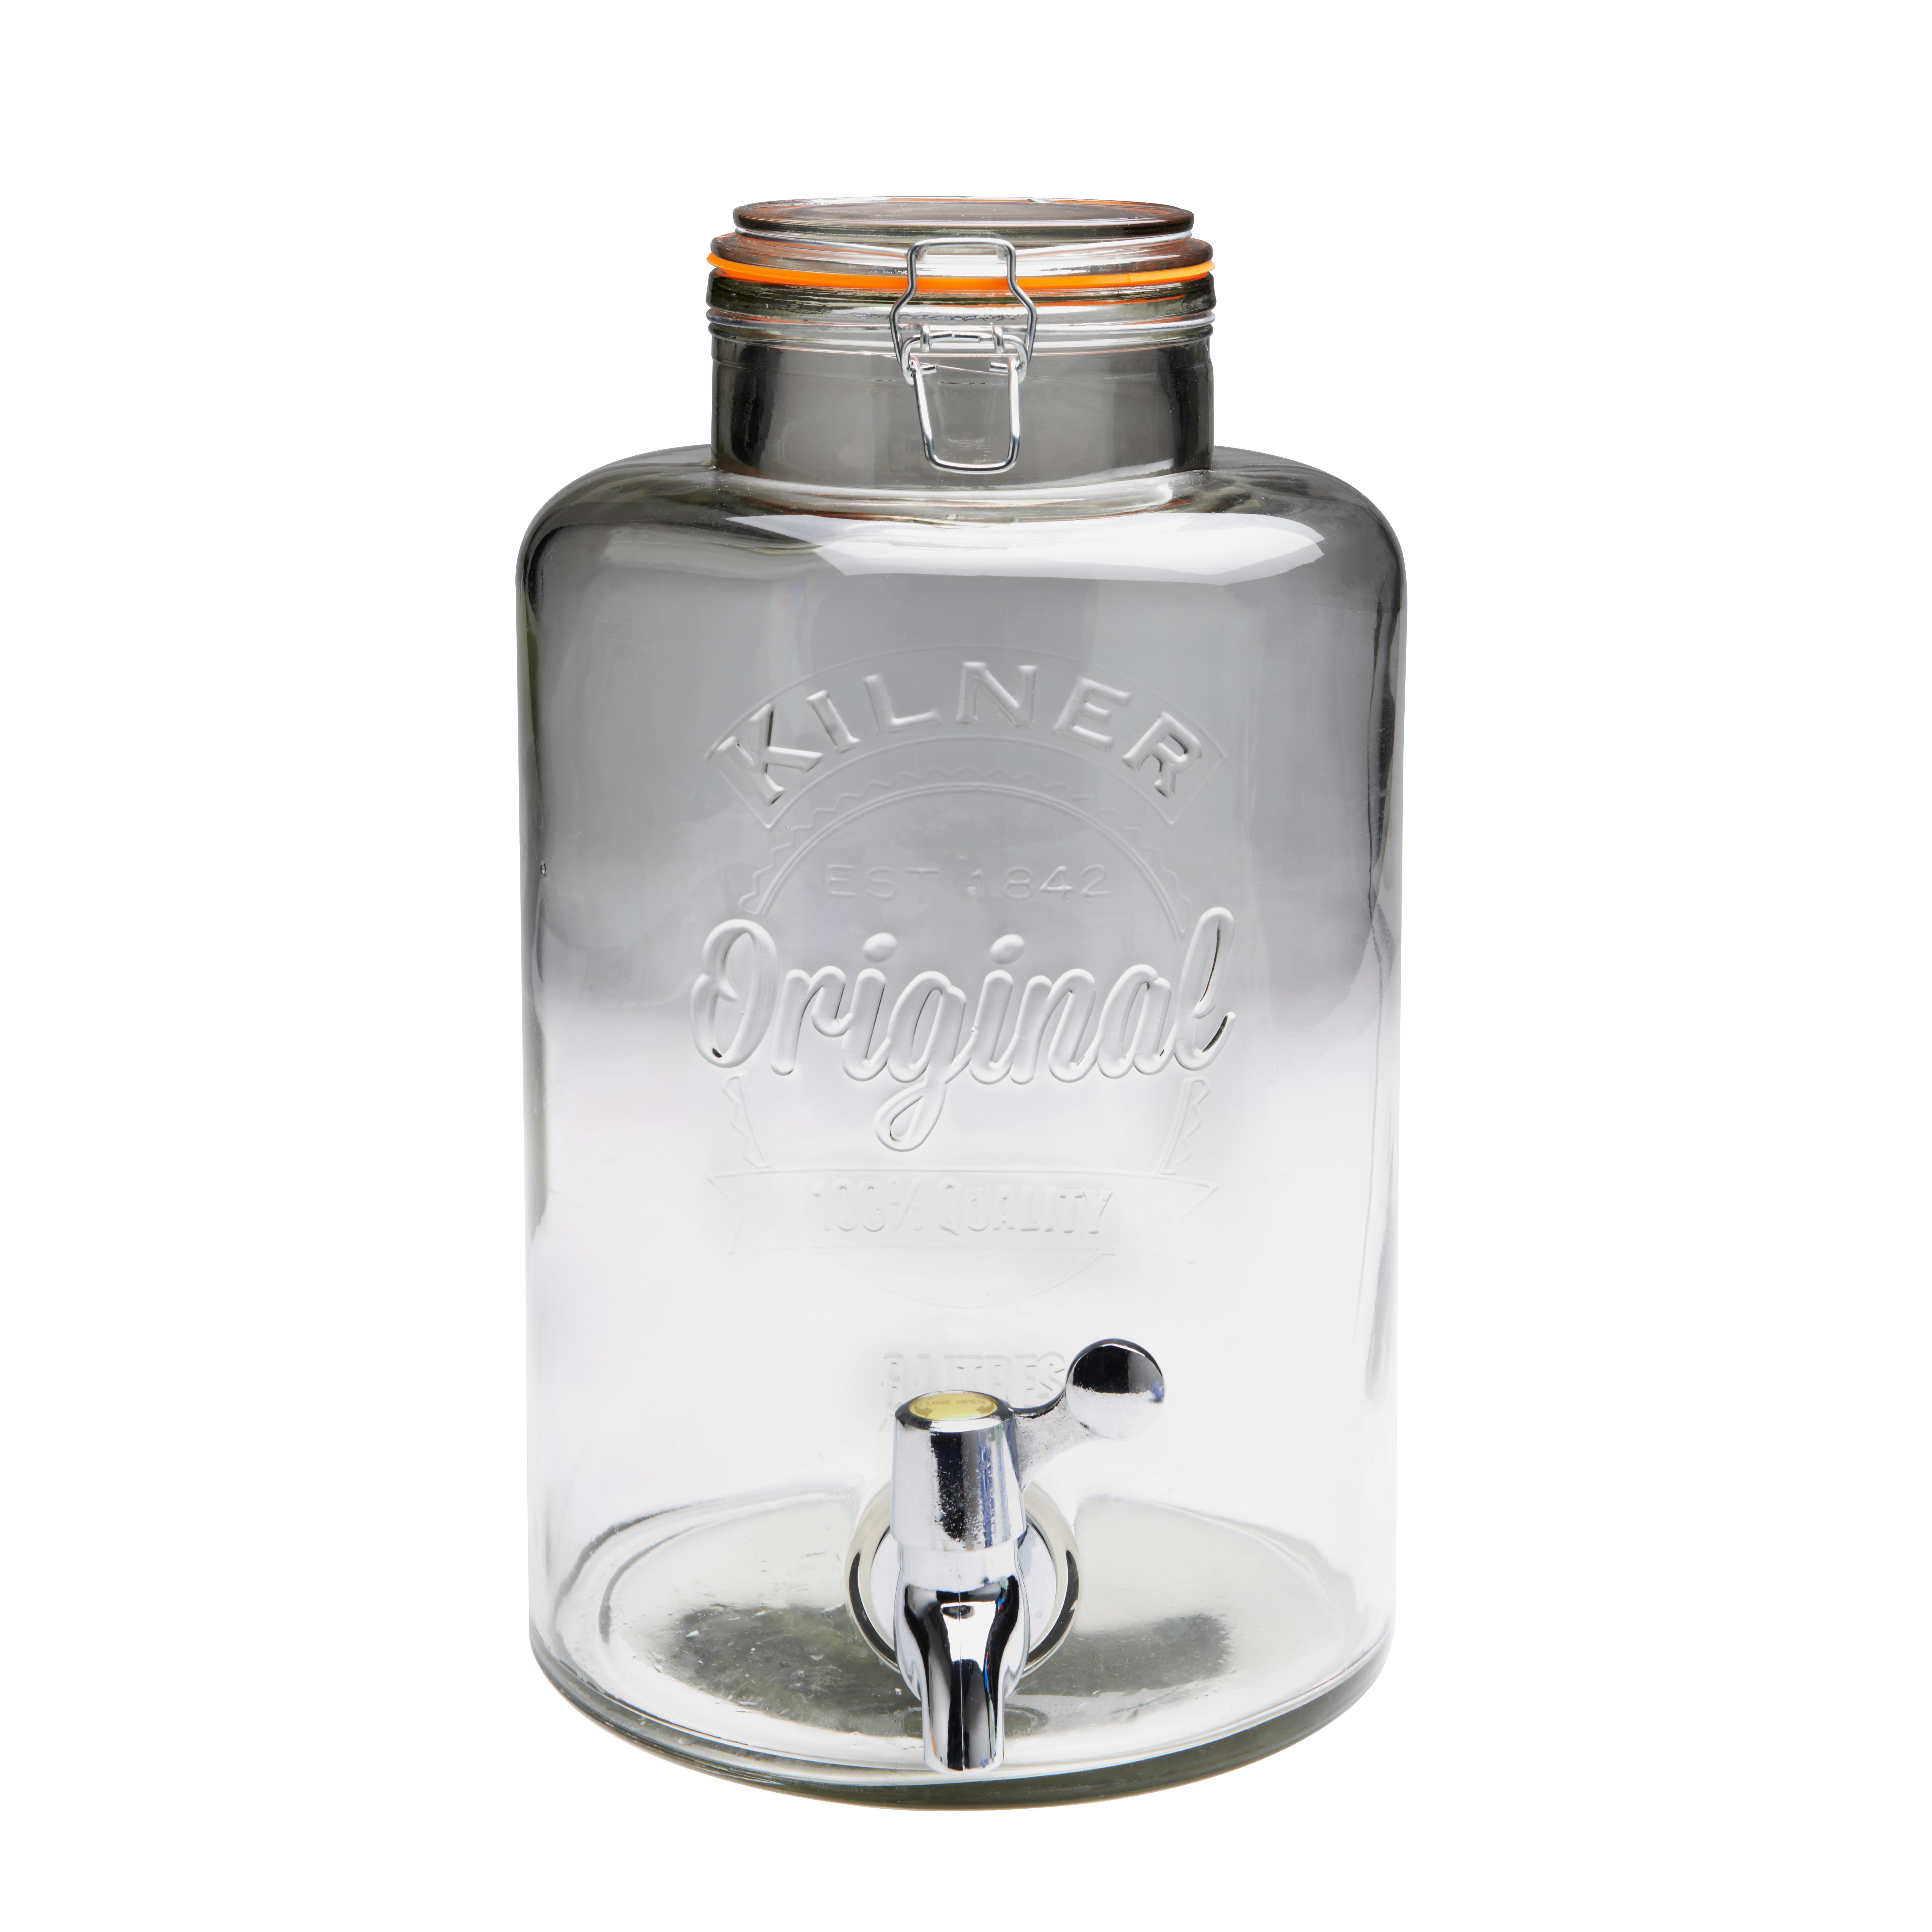 Kilner Glasbehållare med Tappkran 8 Liter